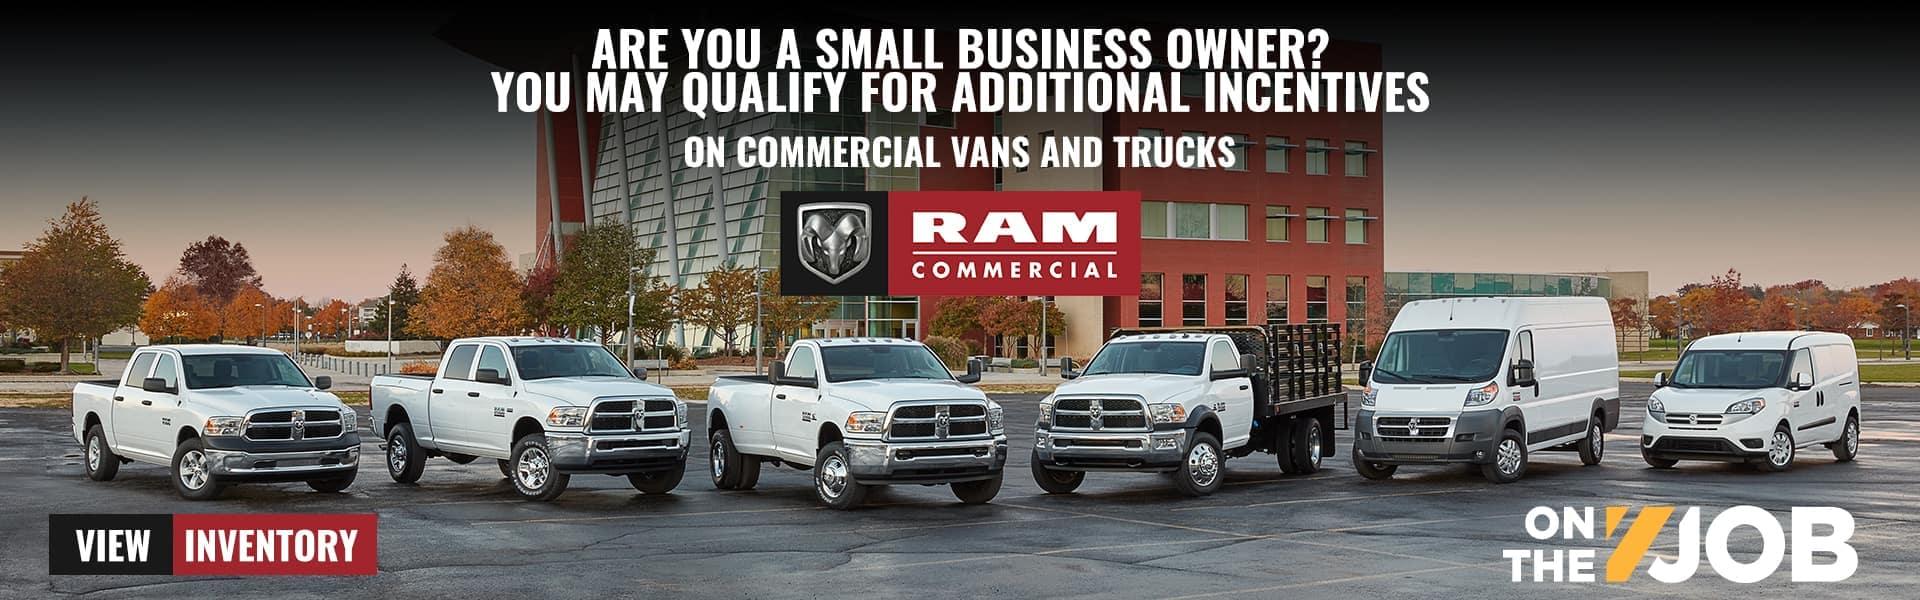 Ram Dealers Phoenix >> Jack Powell Chrysler Dodge Jeep Ram Cdjr Dealer In